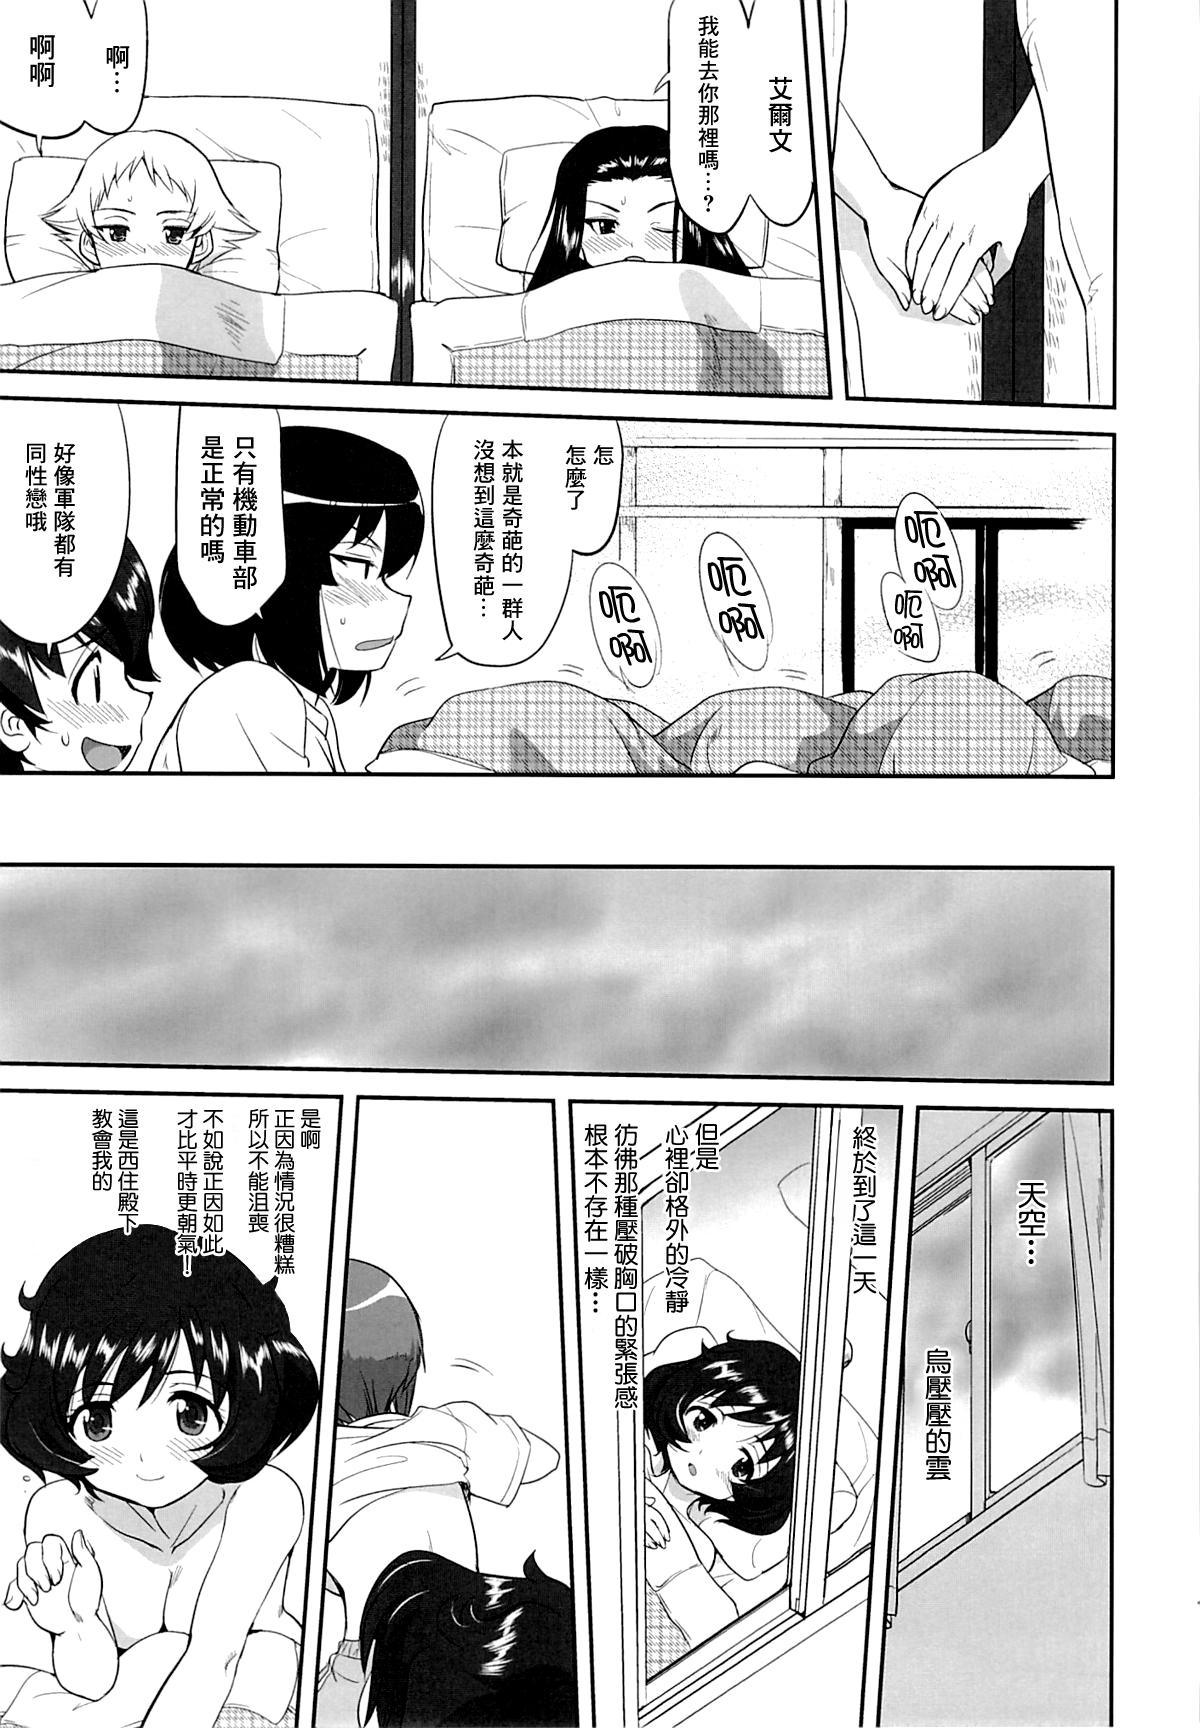 Yukiyukite Senshadou Kuromorimine no Tatakai 15